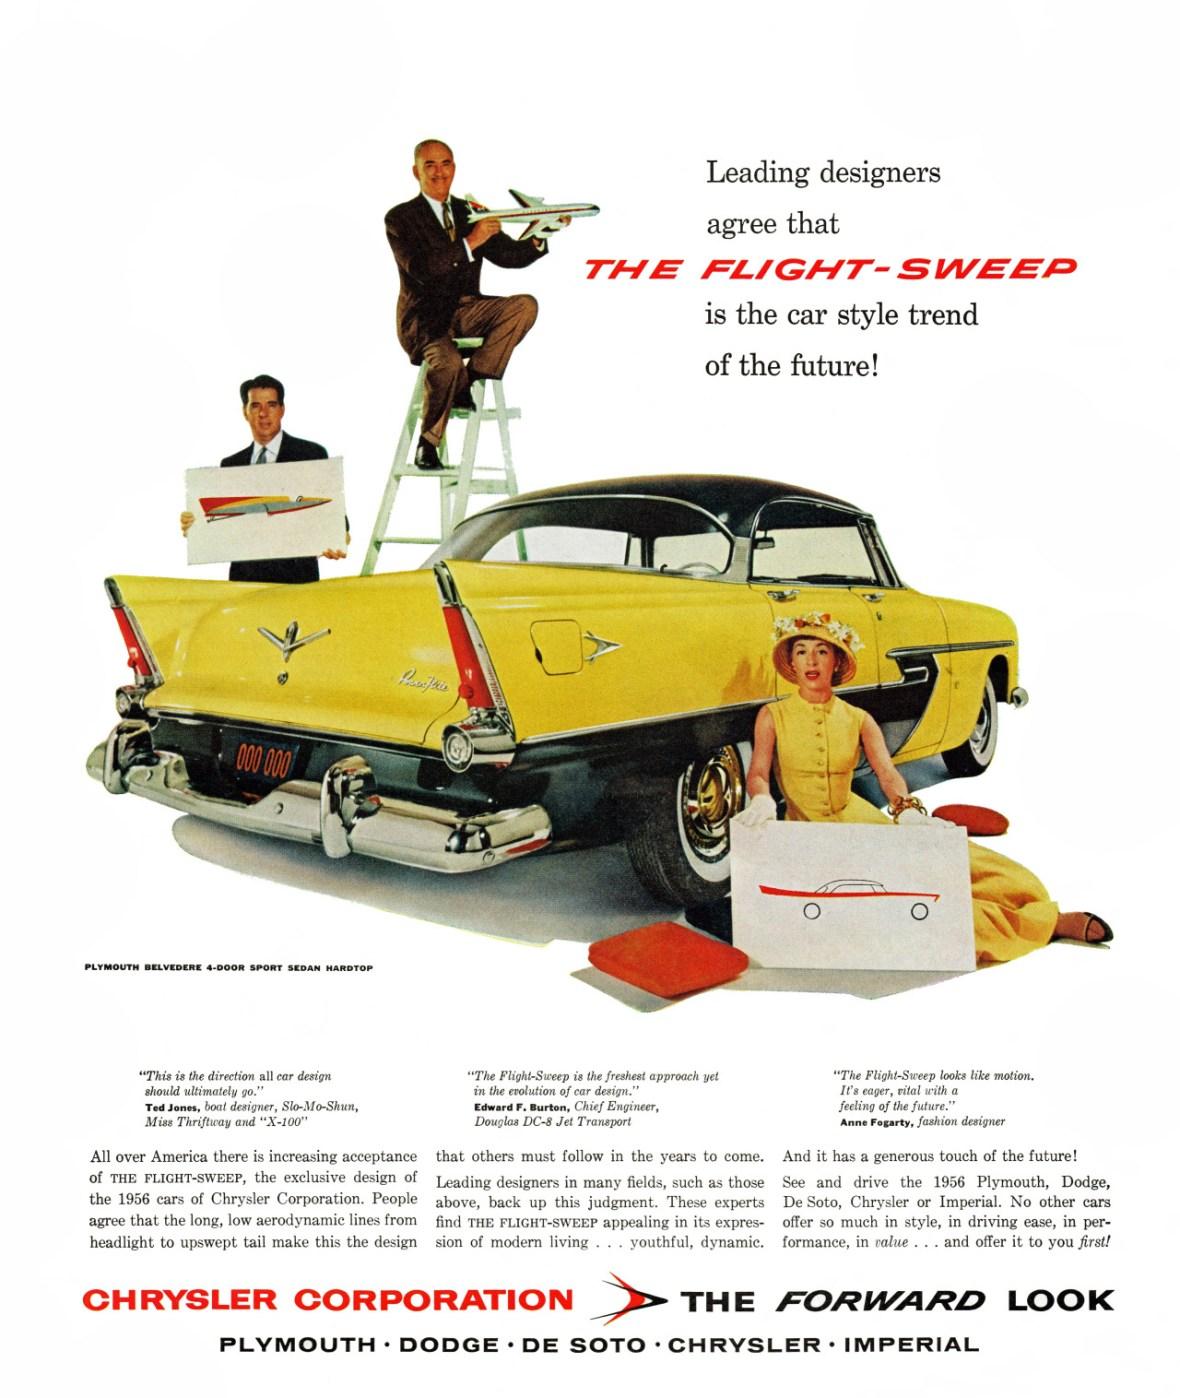 1956 Plymouth Belvedere 4-Door Sport Sedan Hardtop